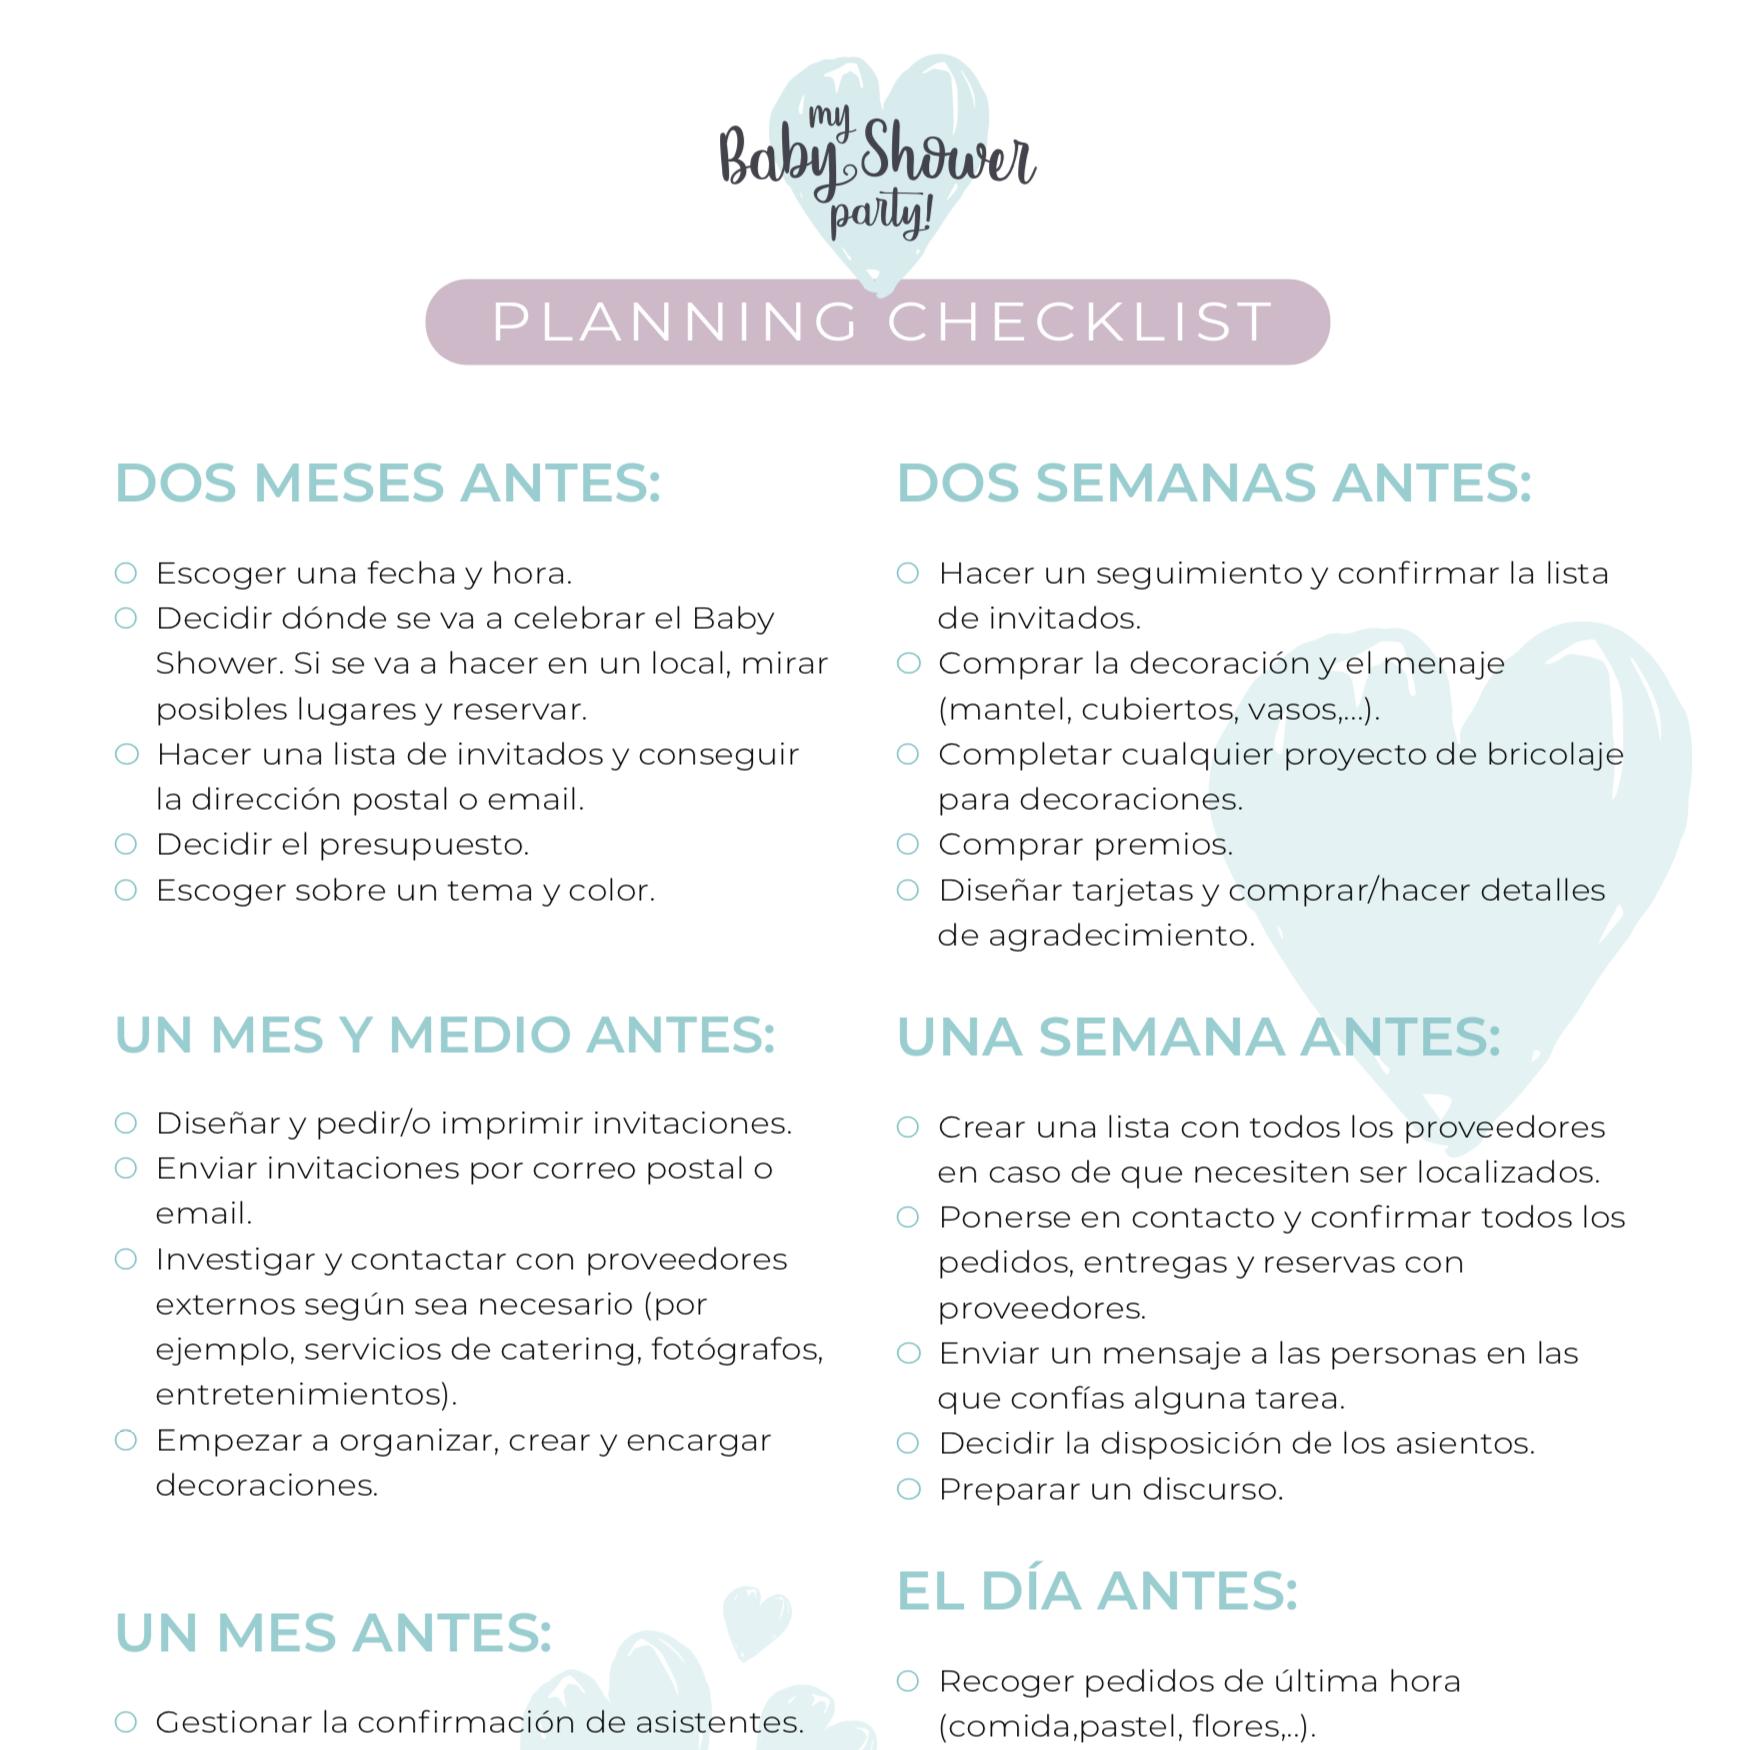 Cosas Para Pedir En El Baby Shower.Baby Shower Planning Checklist My Baby Shower Party